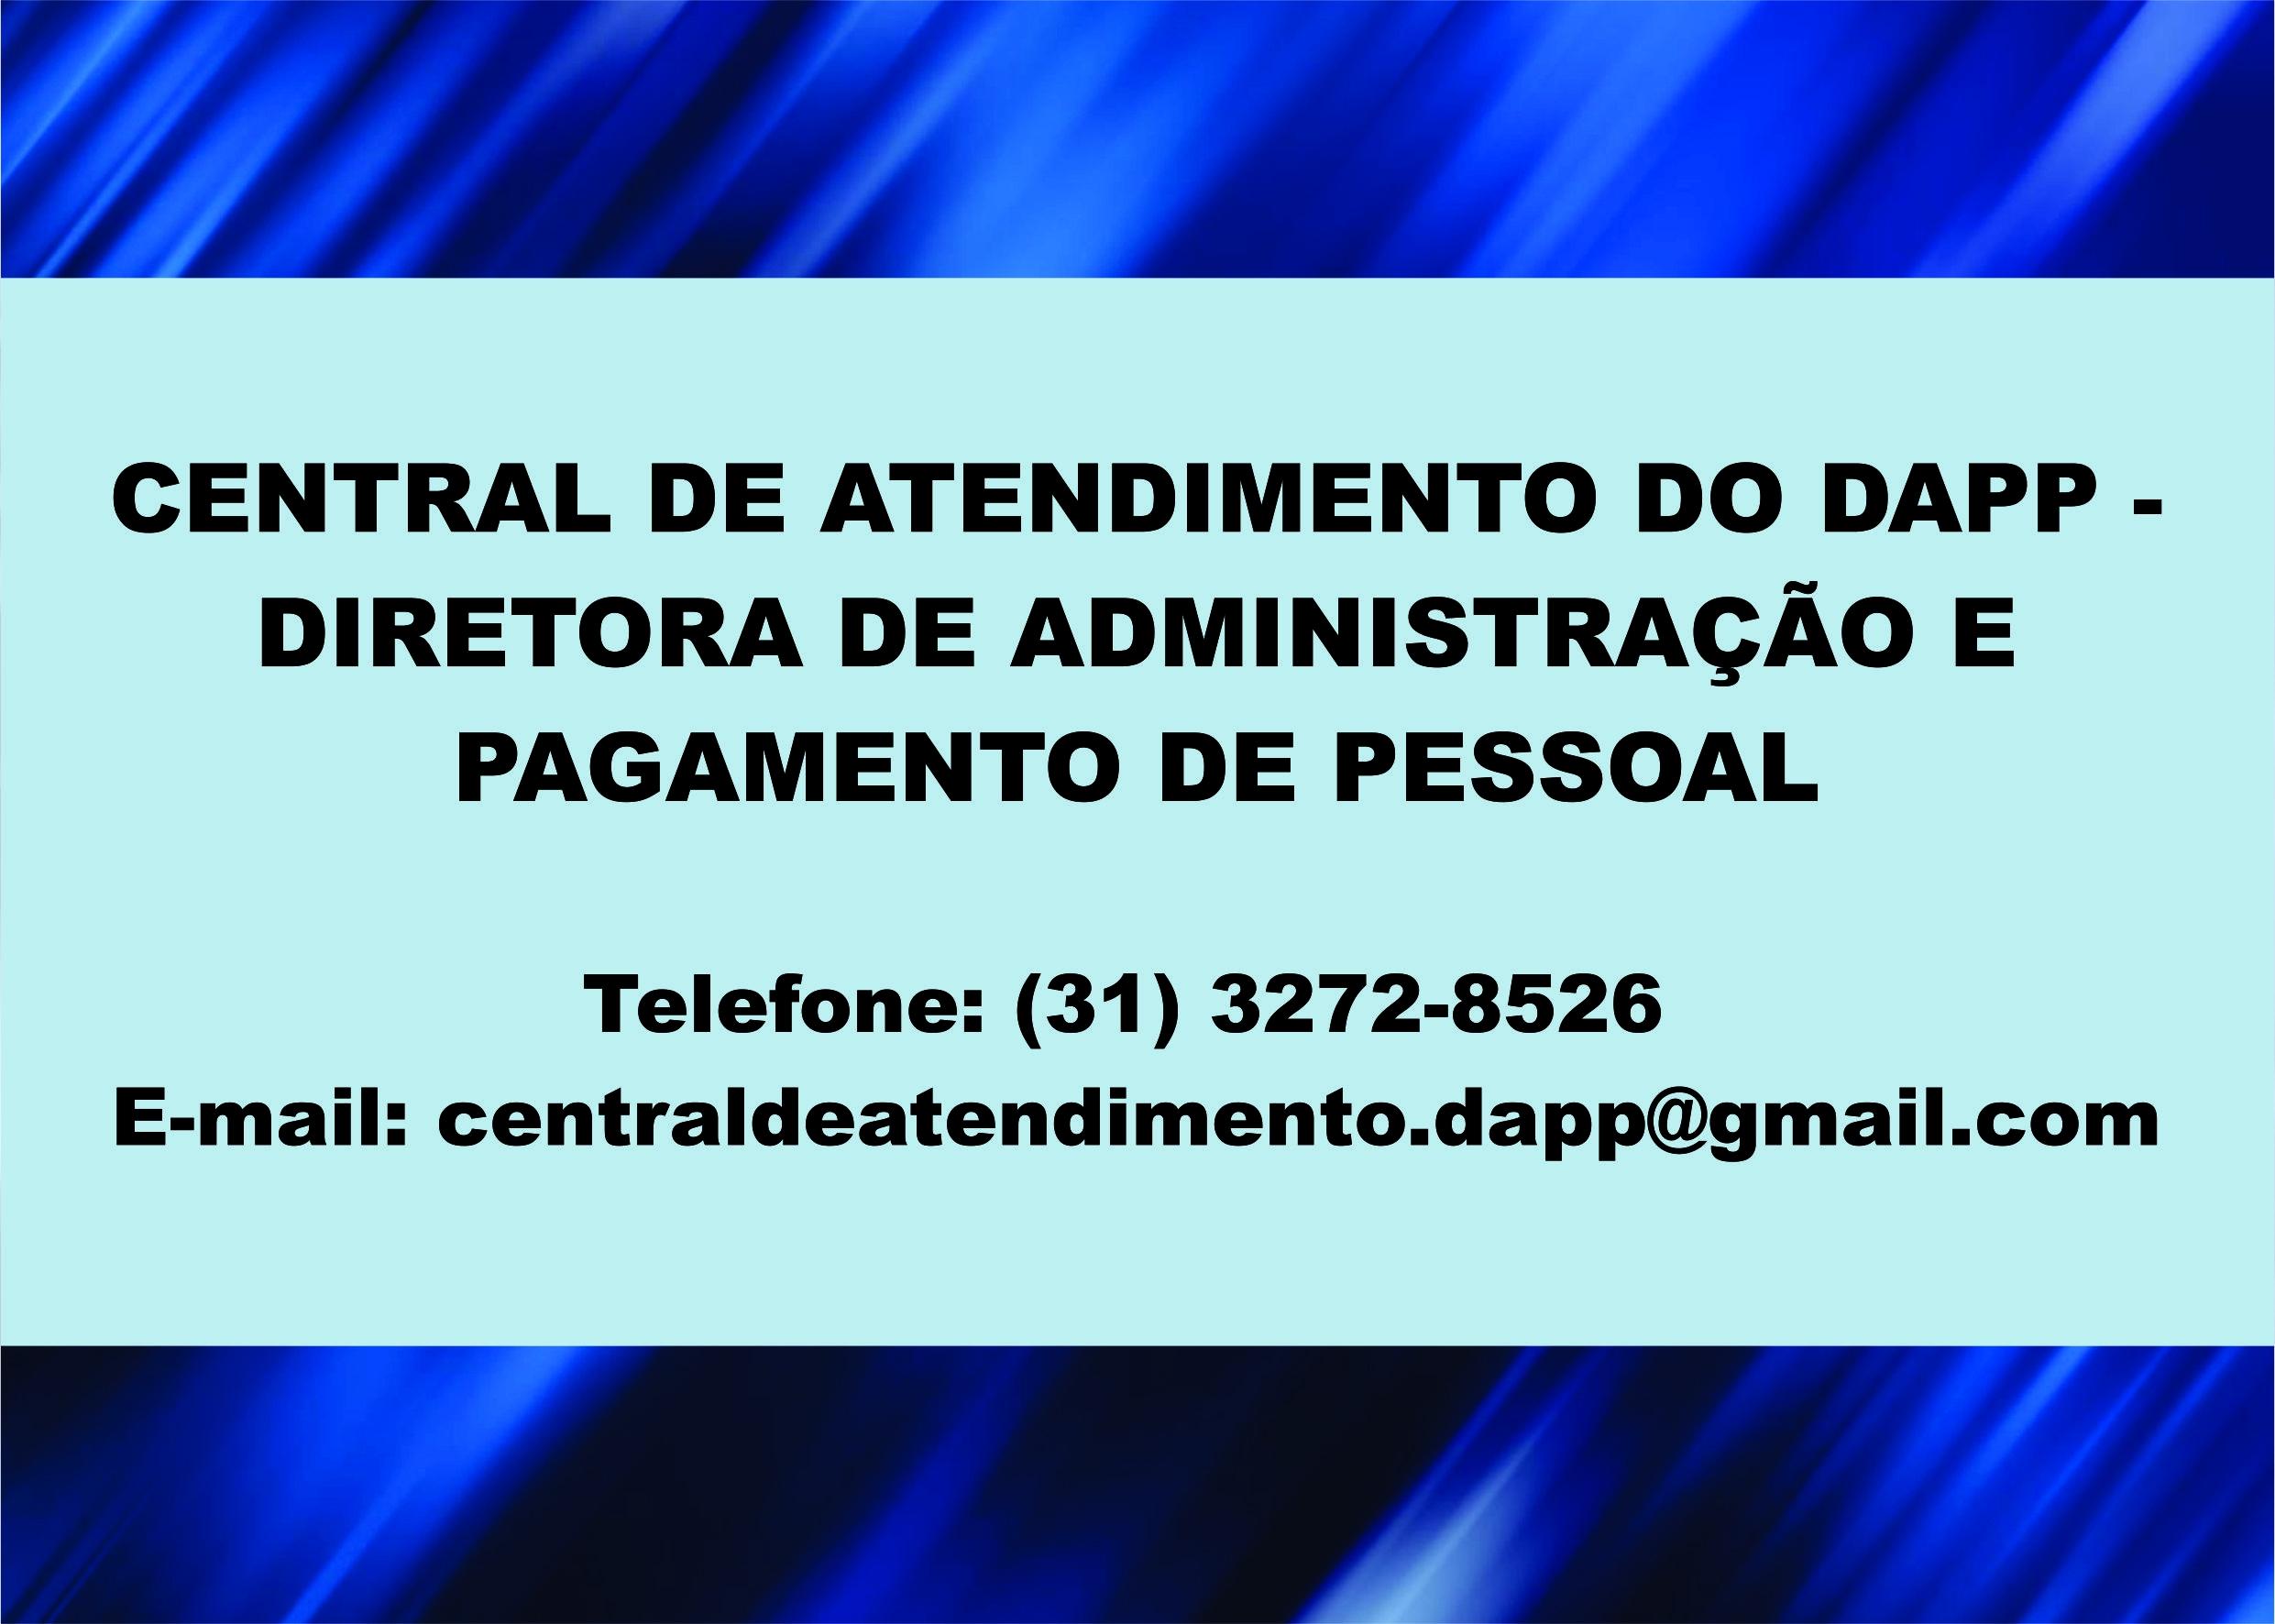 9d526c4a8 INFORMAÇÕES SOBRE ATUALIZAÇÕES DE DADOS DE SERVIDORES DA ATIVA OU  APOSENTADOS DA PCMG